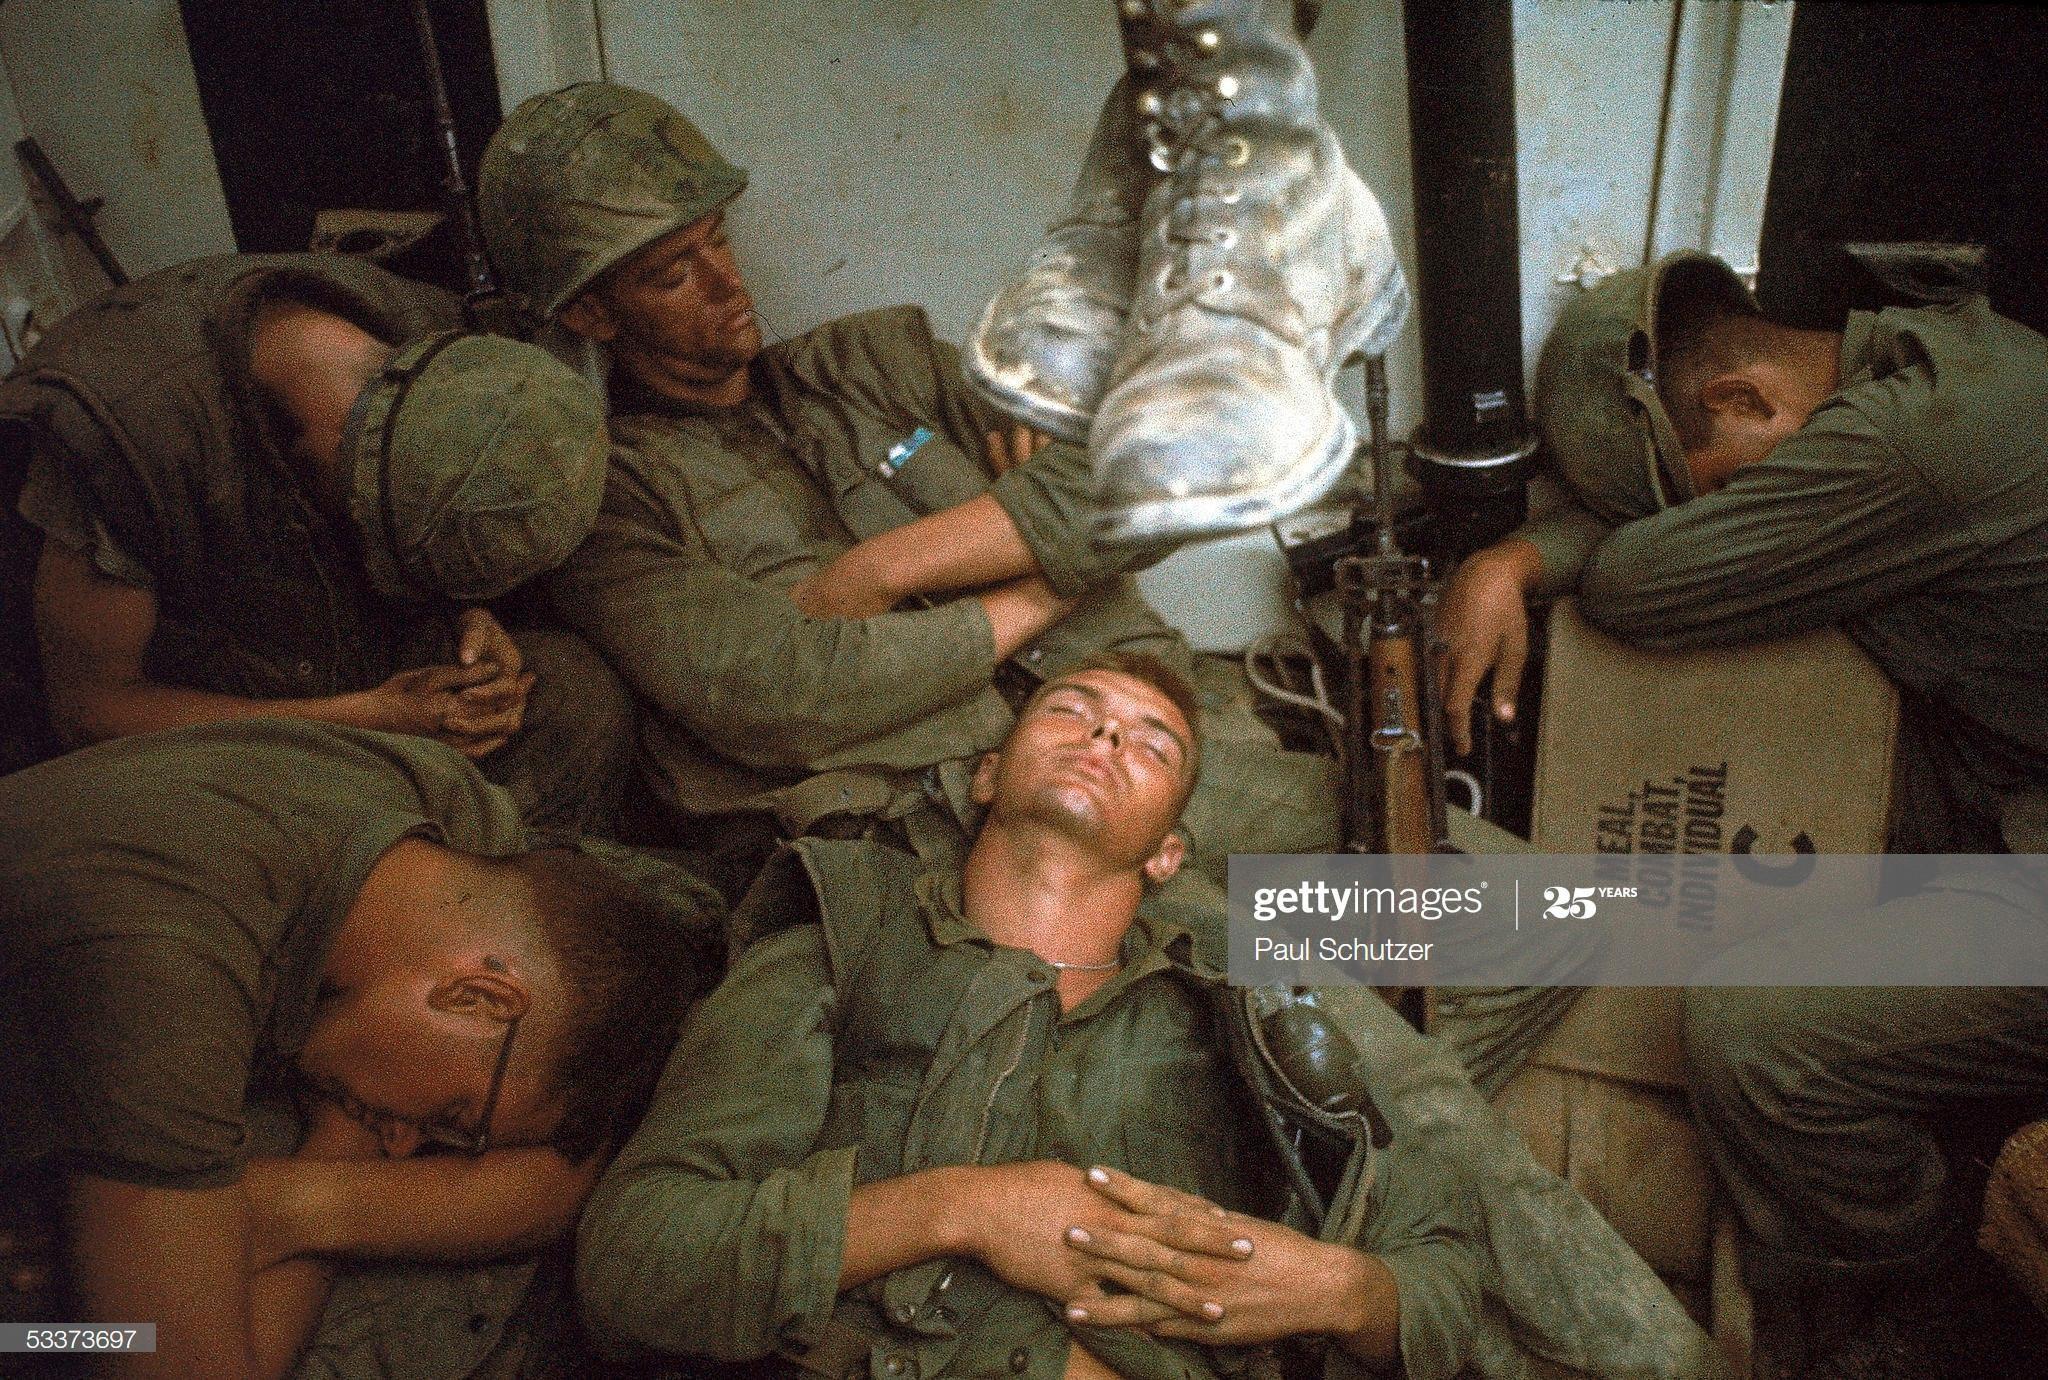 Ảnh độc: Giấc ngủ của lính Mỹ trong chiến tranh Việt Nam Ảnh 1